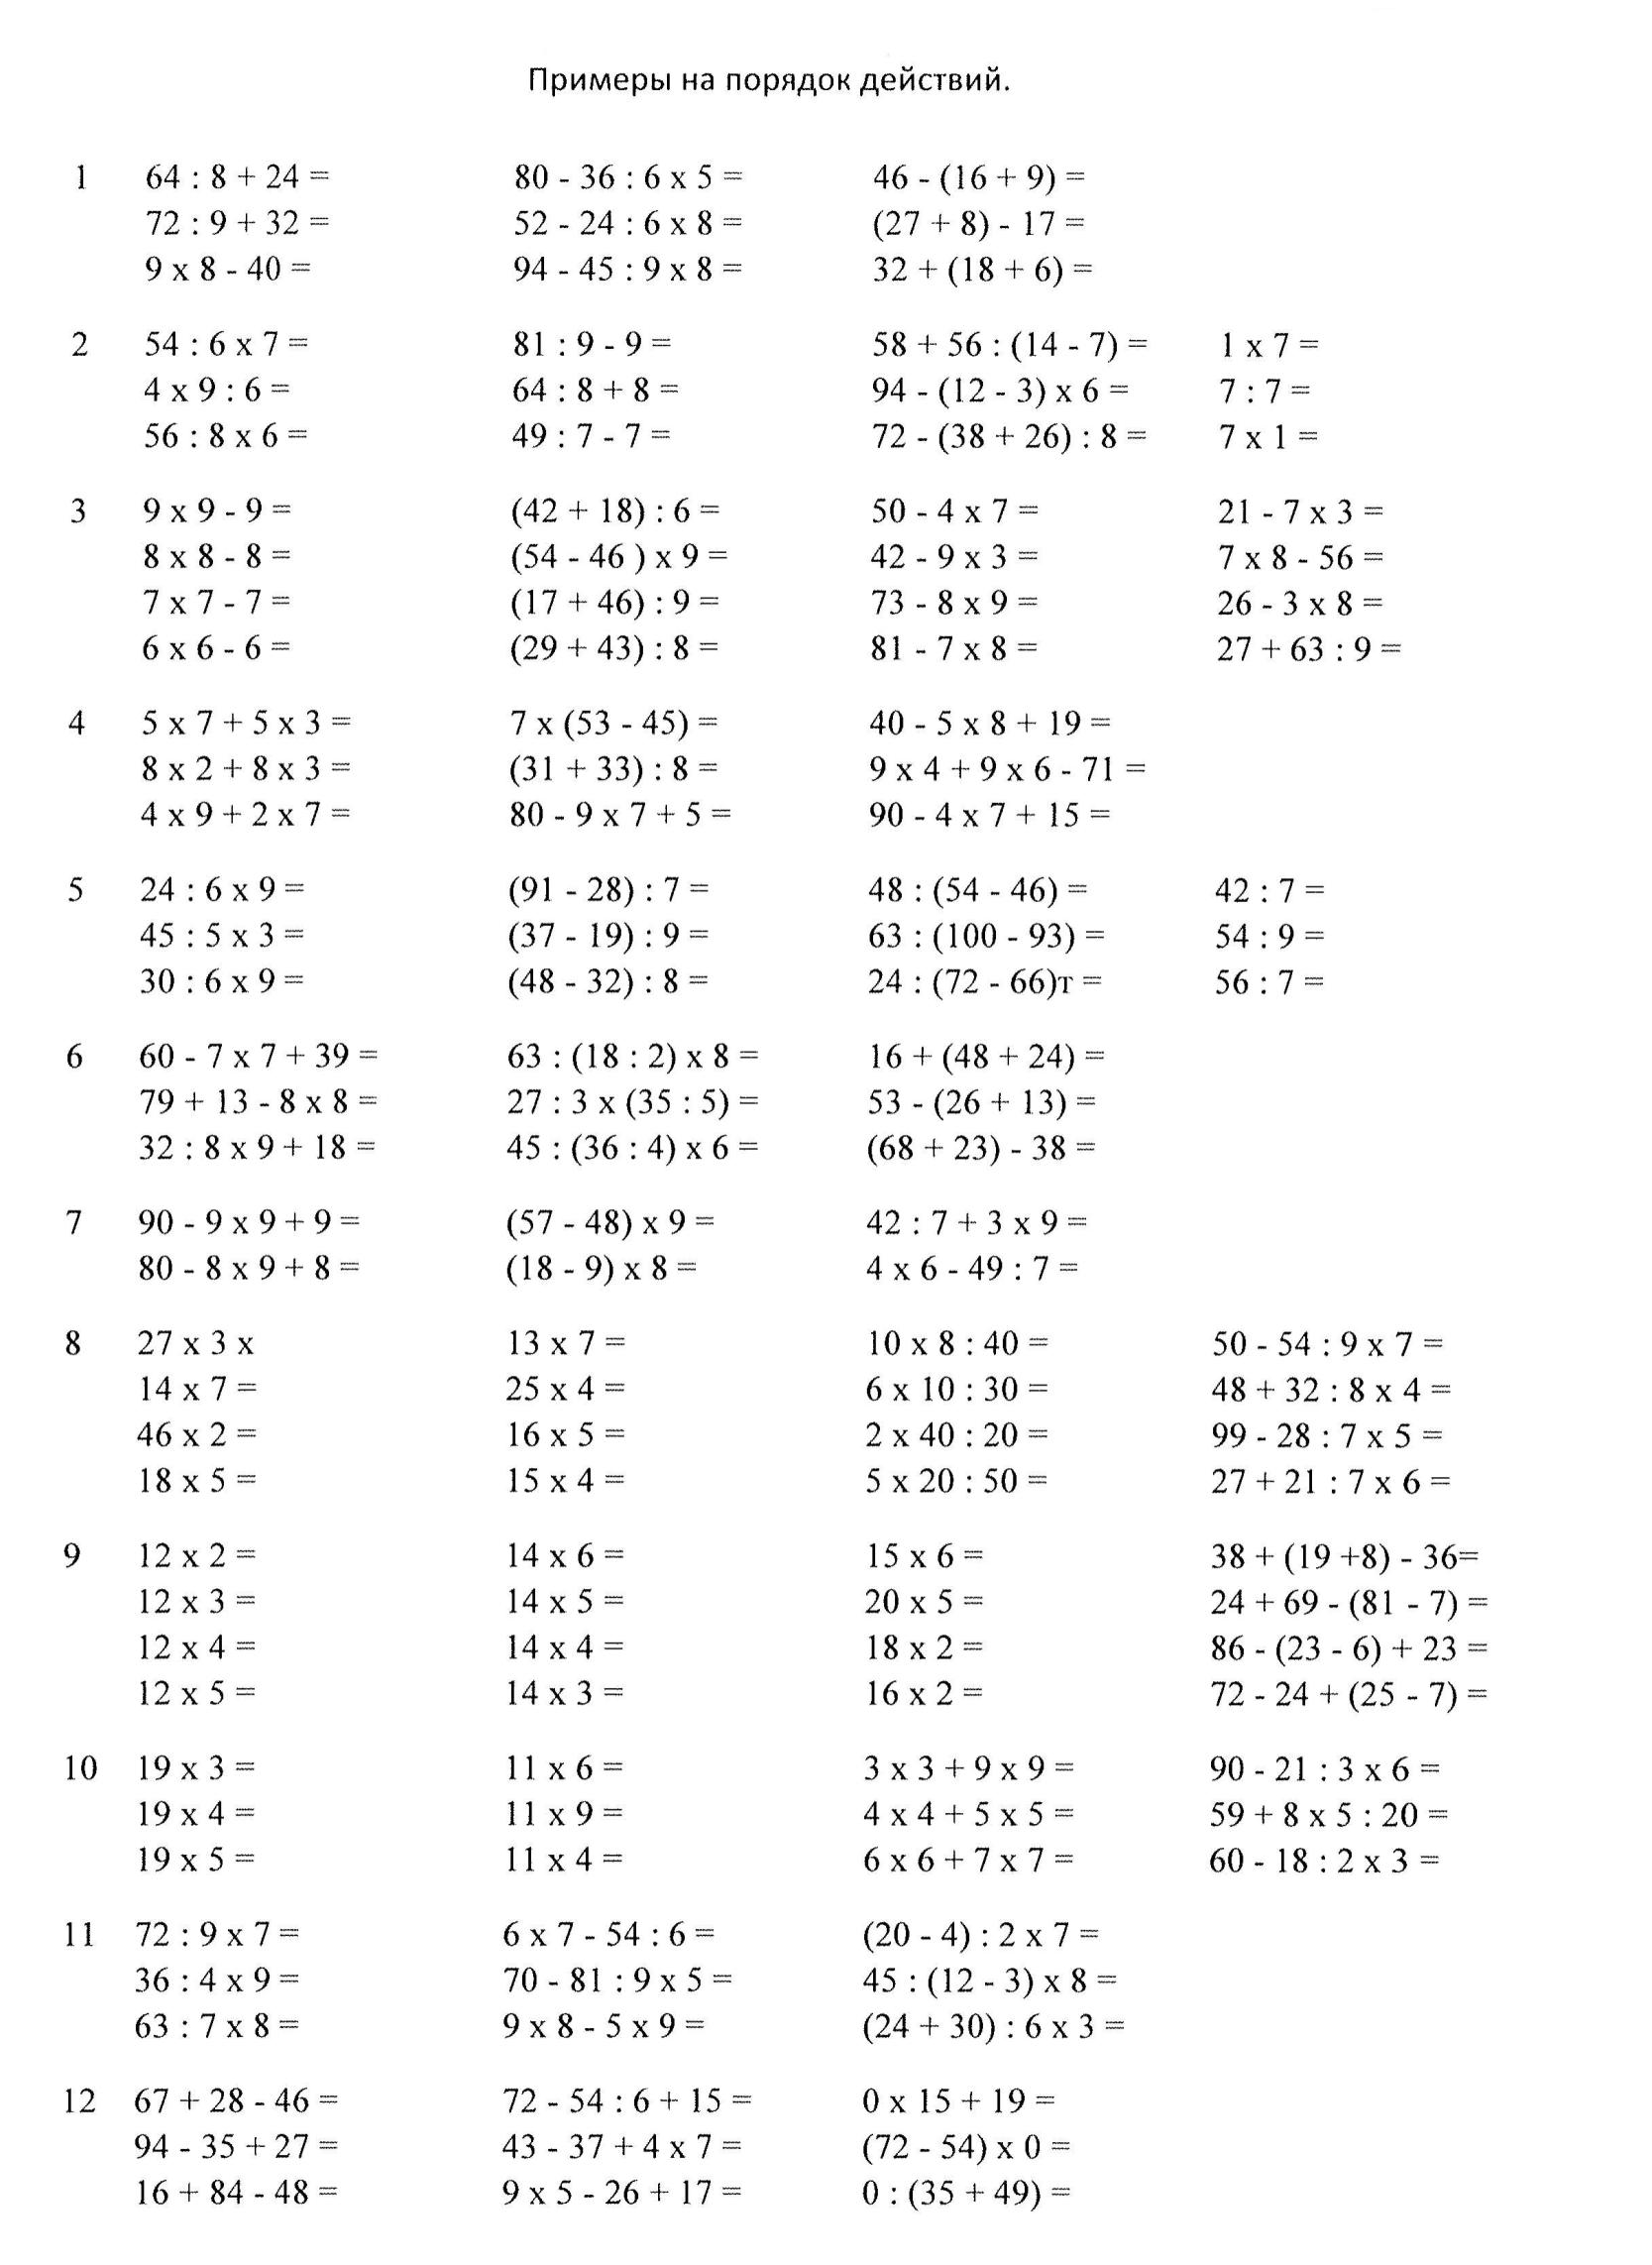 Примеры на порядок действий 2 класс